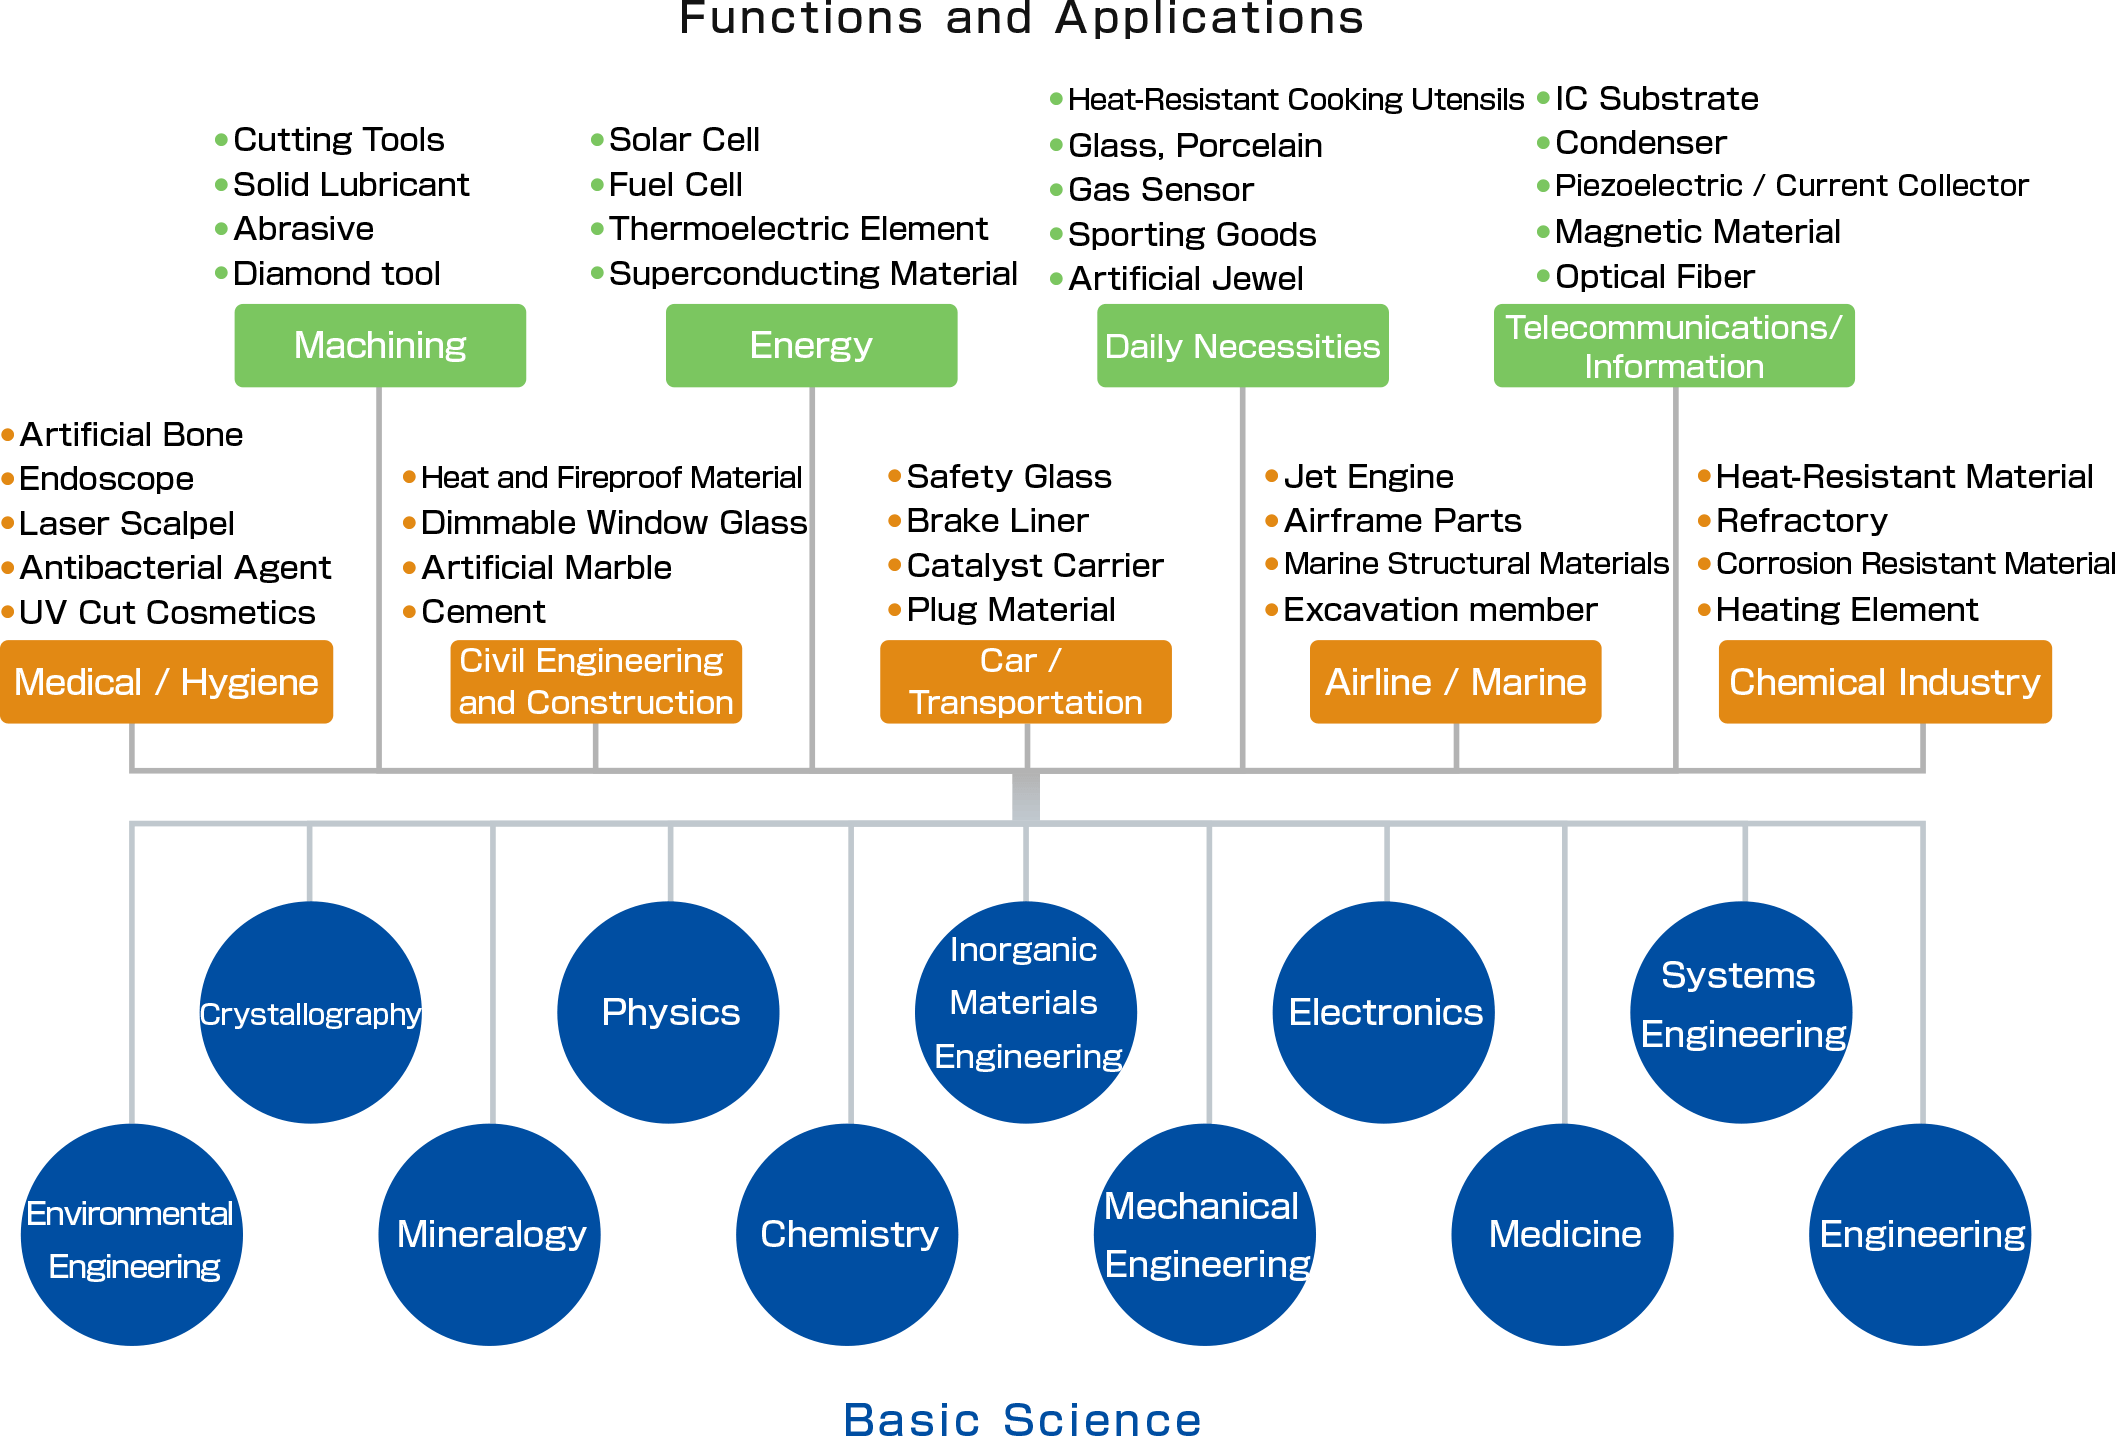 ファインセラミックスの機能と用途例